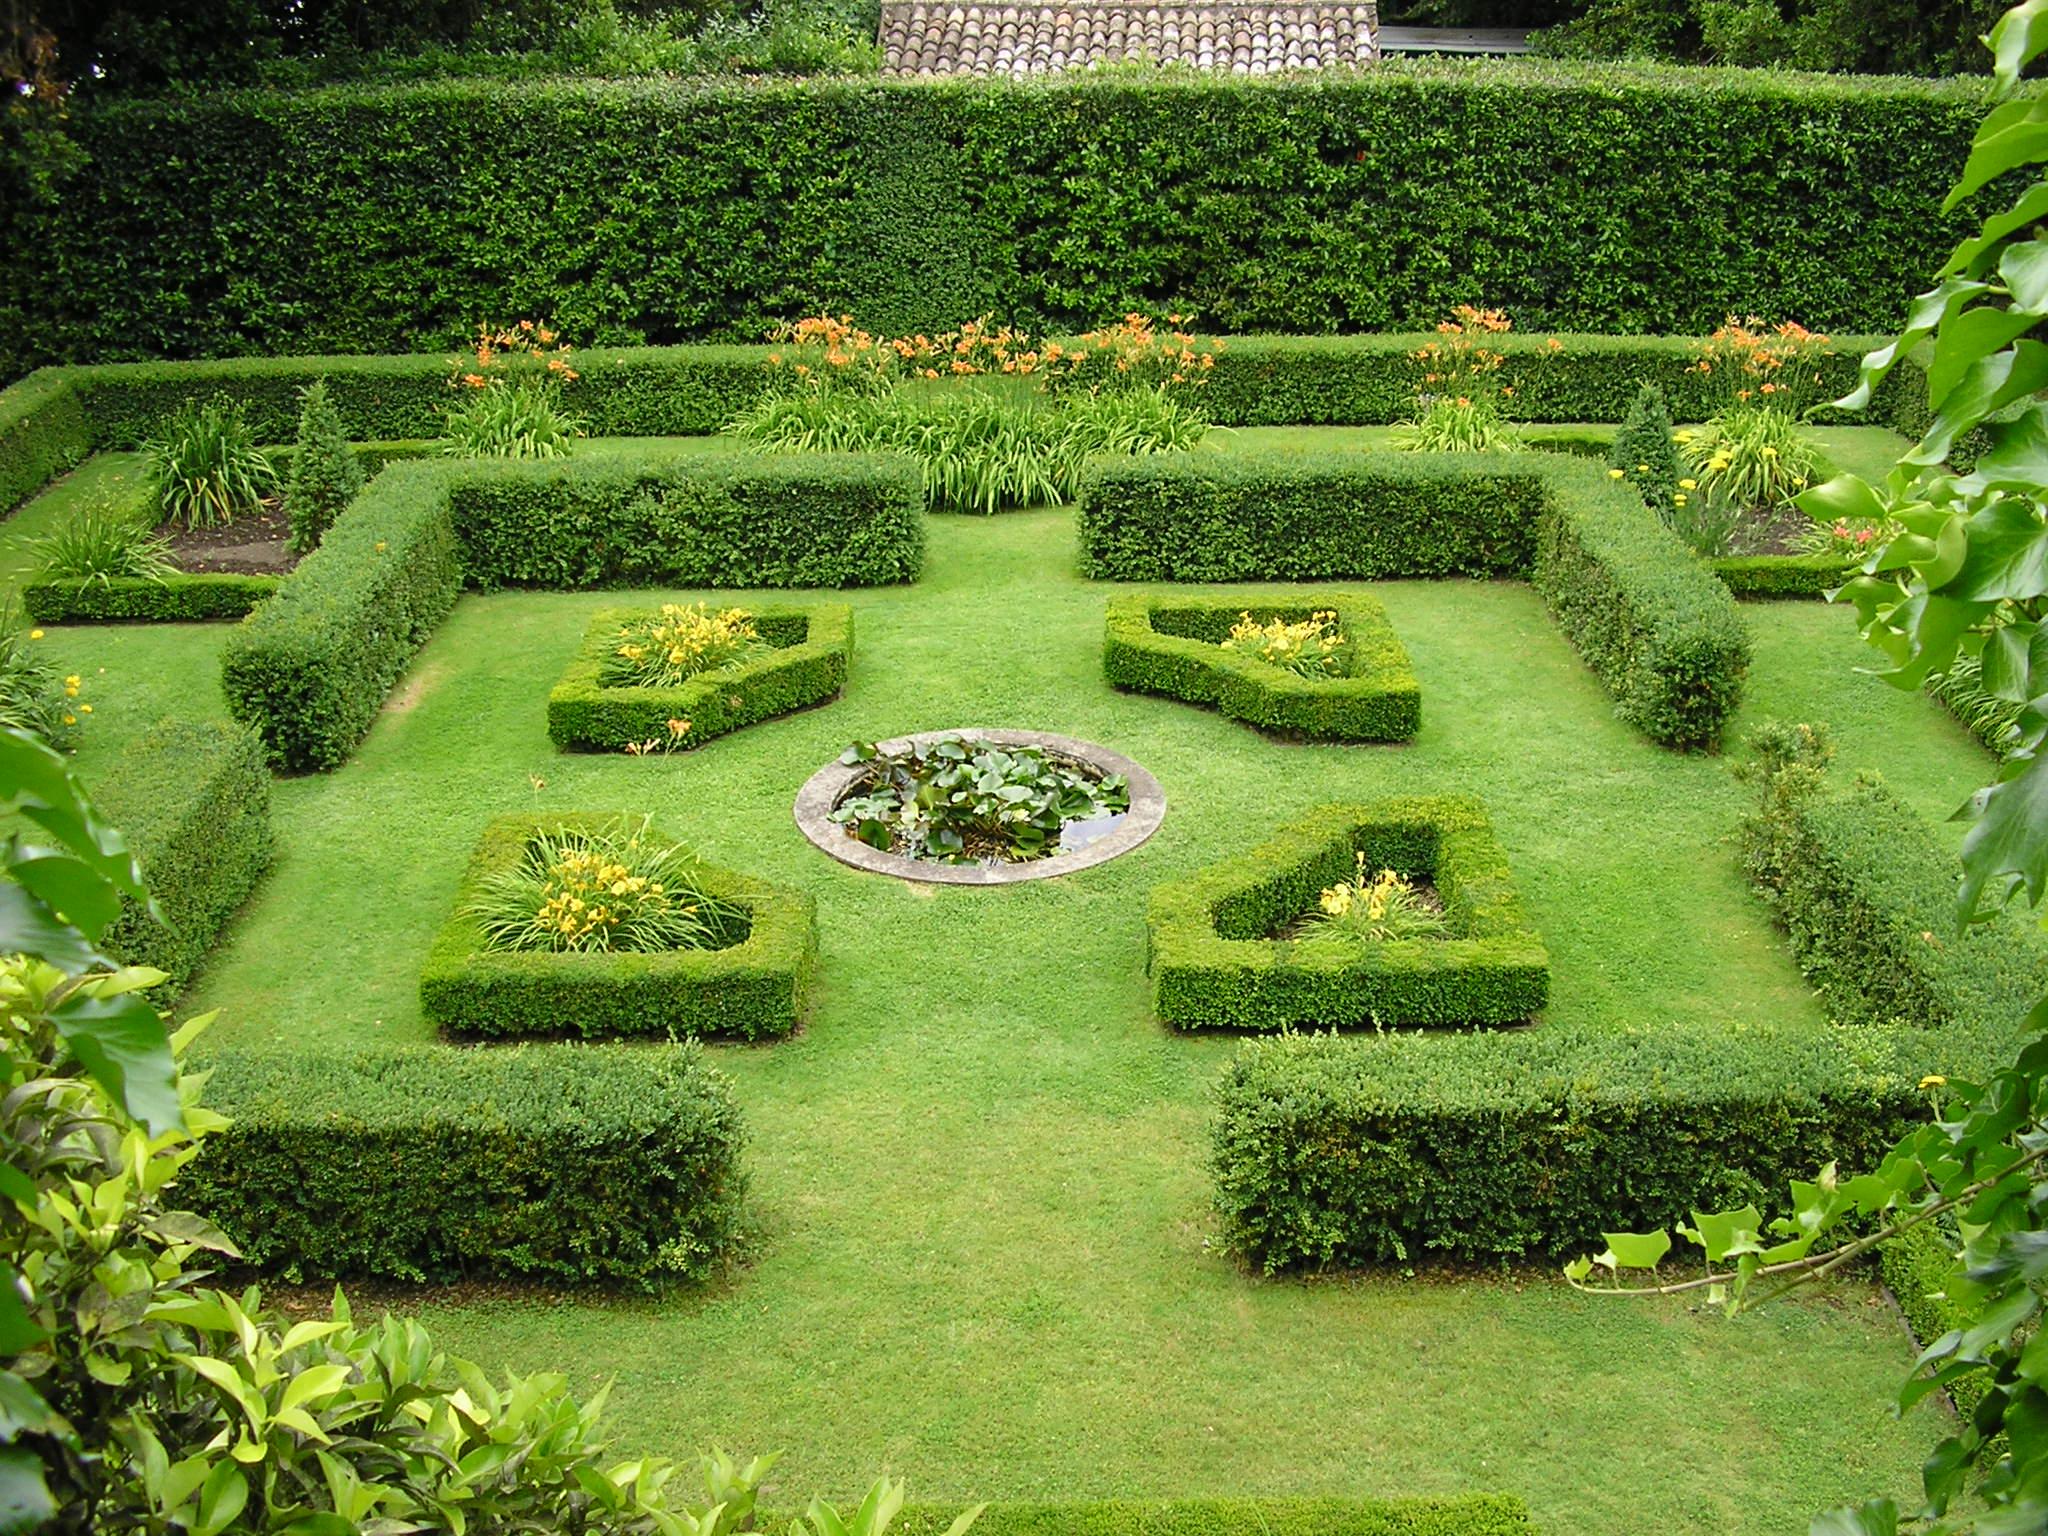 It viterbo au jardin de l infante paysage et for Au jardin de l infante